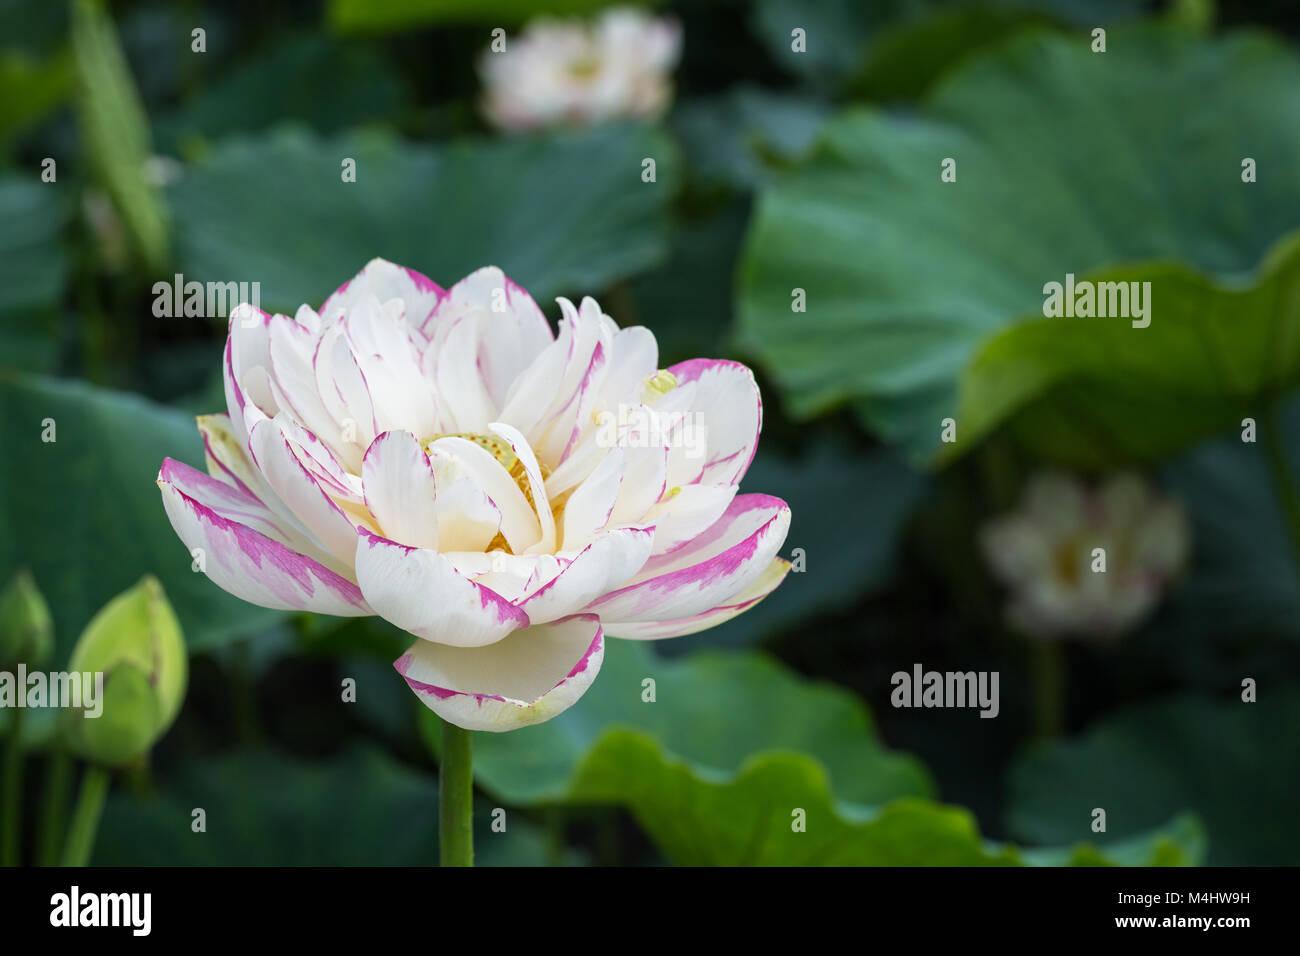 Beautiful Buddha Lotus Flower Closeup Stock Photo 174955357 Alamy